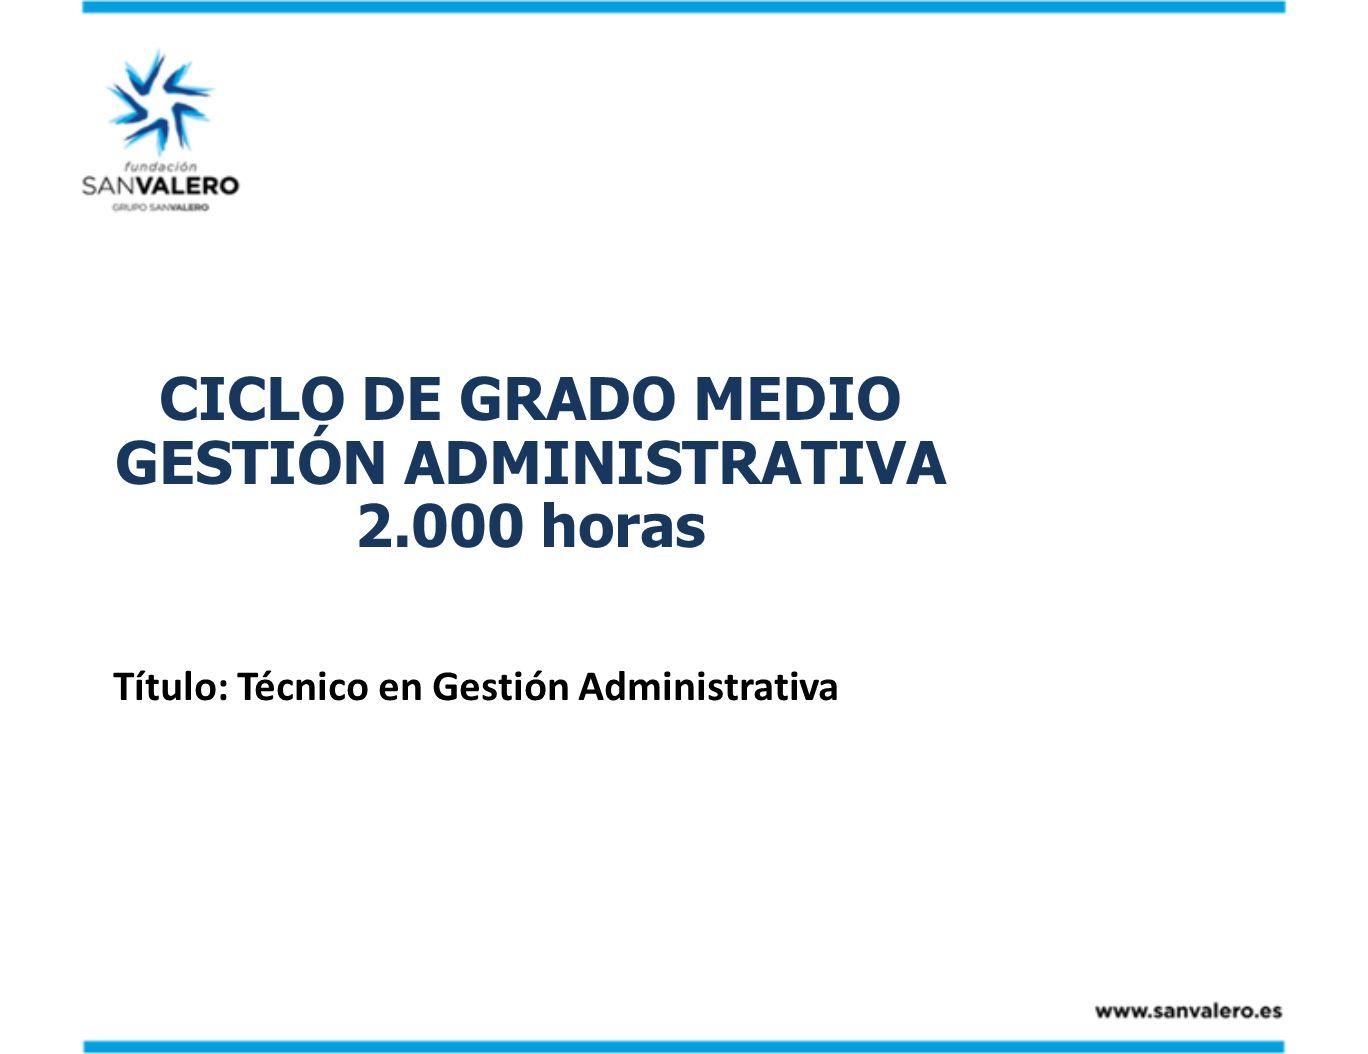 CICLO DE GRADO MEDIO GESTIÓN ADMINISTRATIVA 2.000 horas